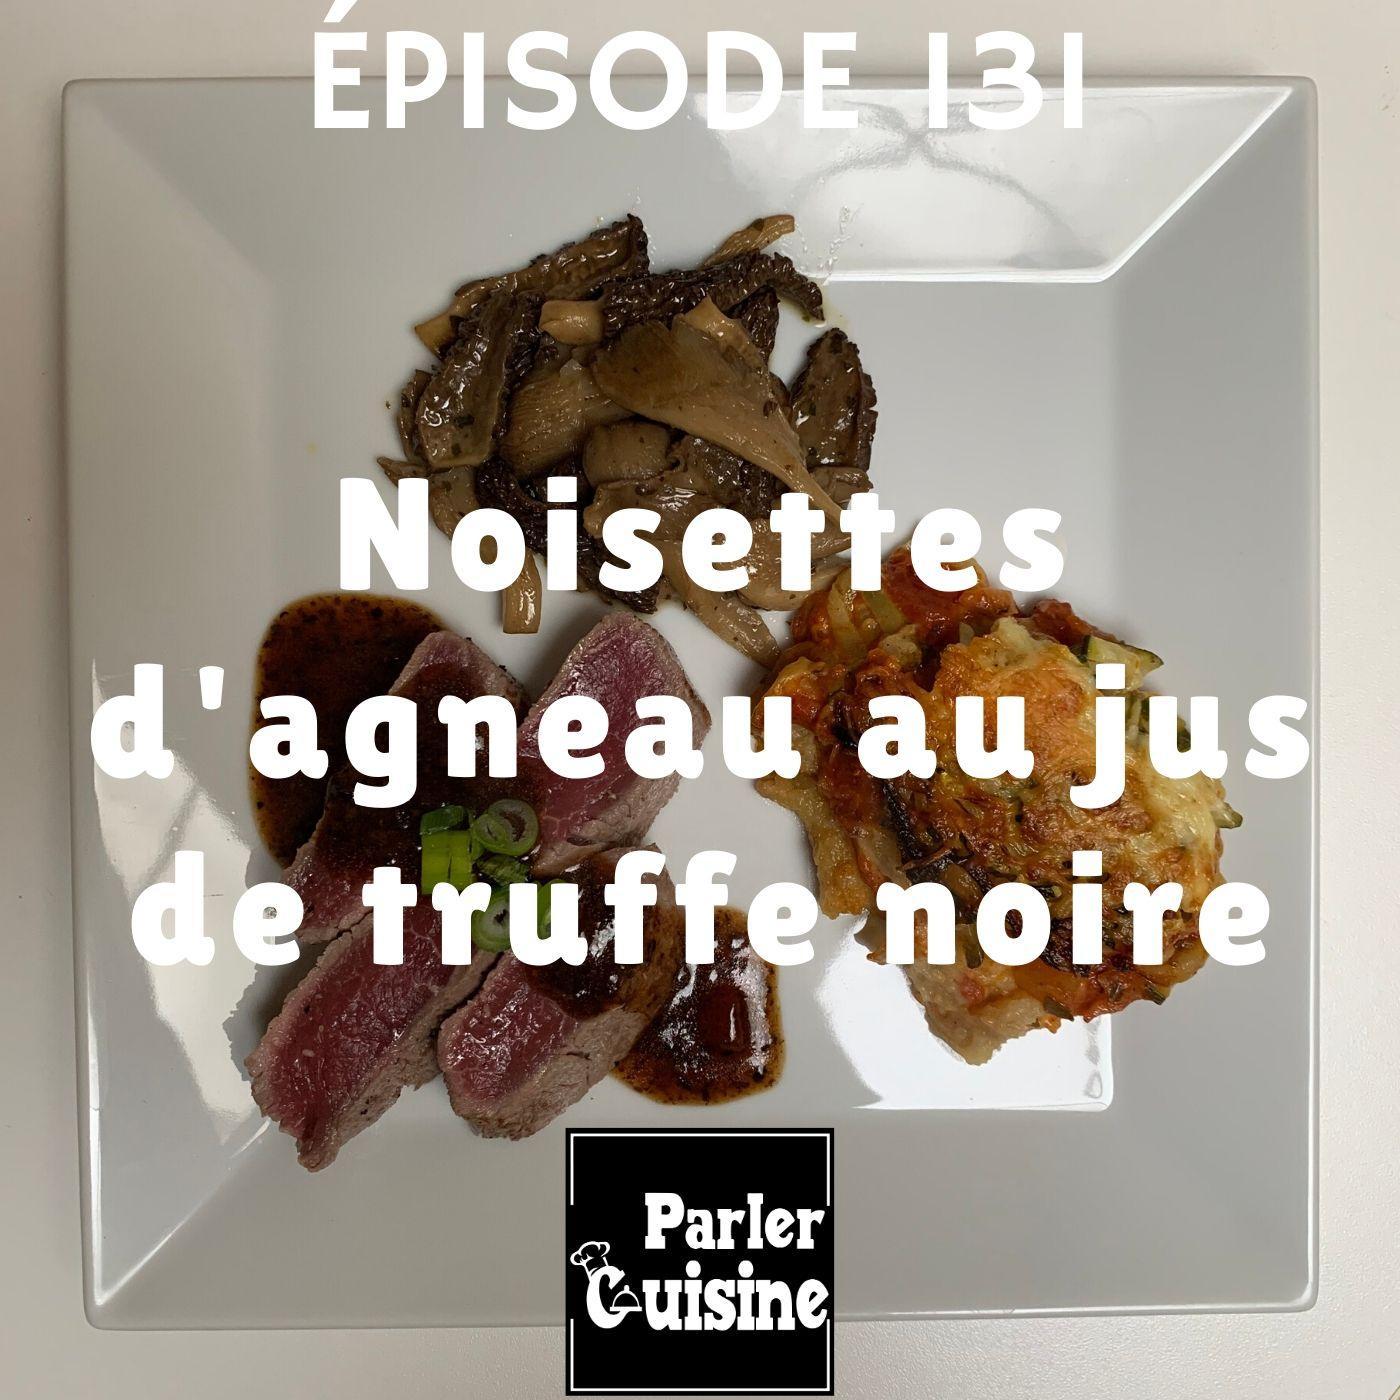 Épisode 131 : Noisettes d'agneau au jus de truffe noire